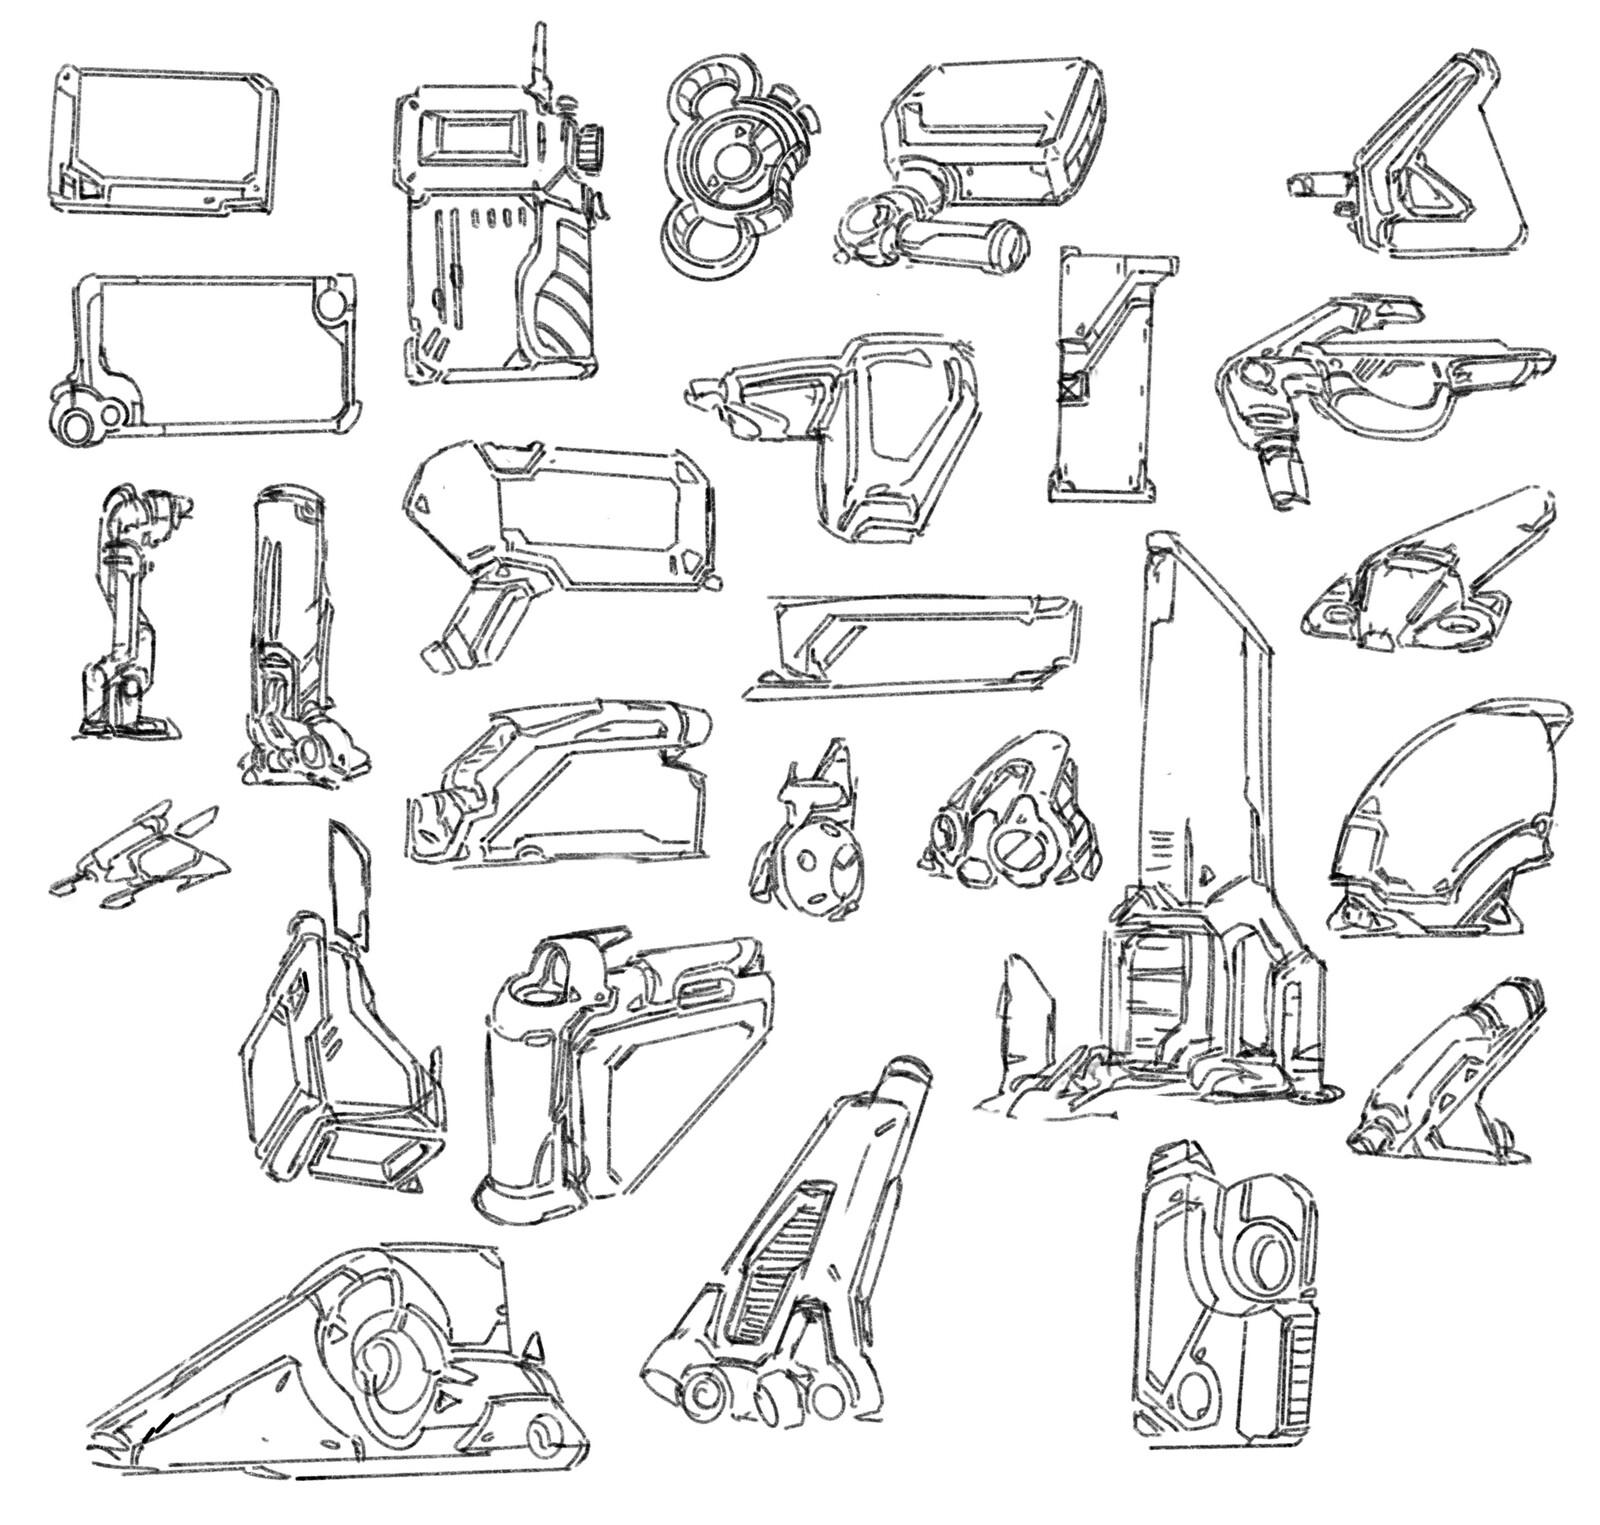 Scifi Sketches